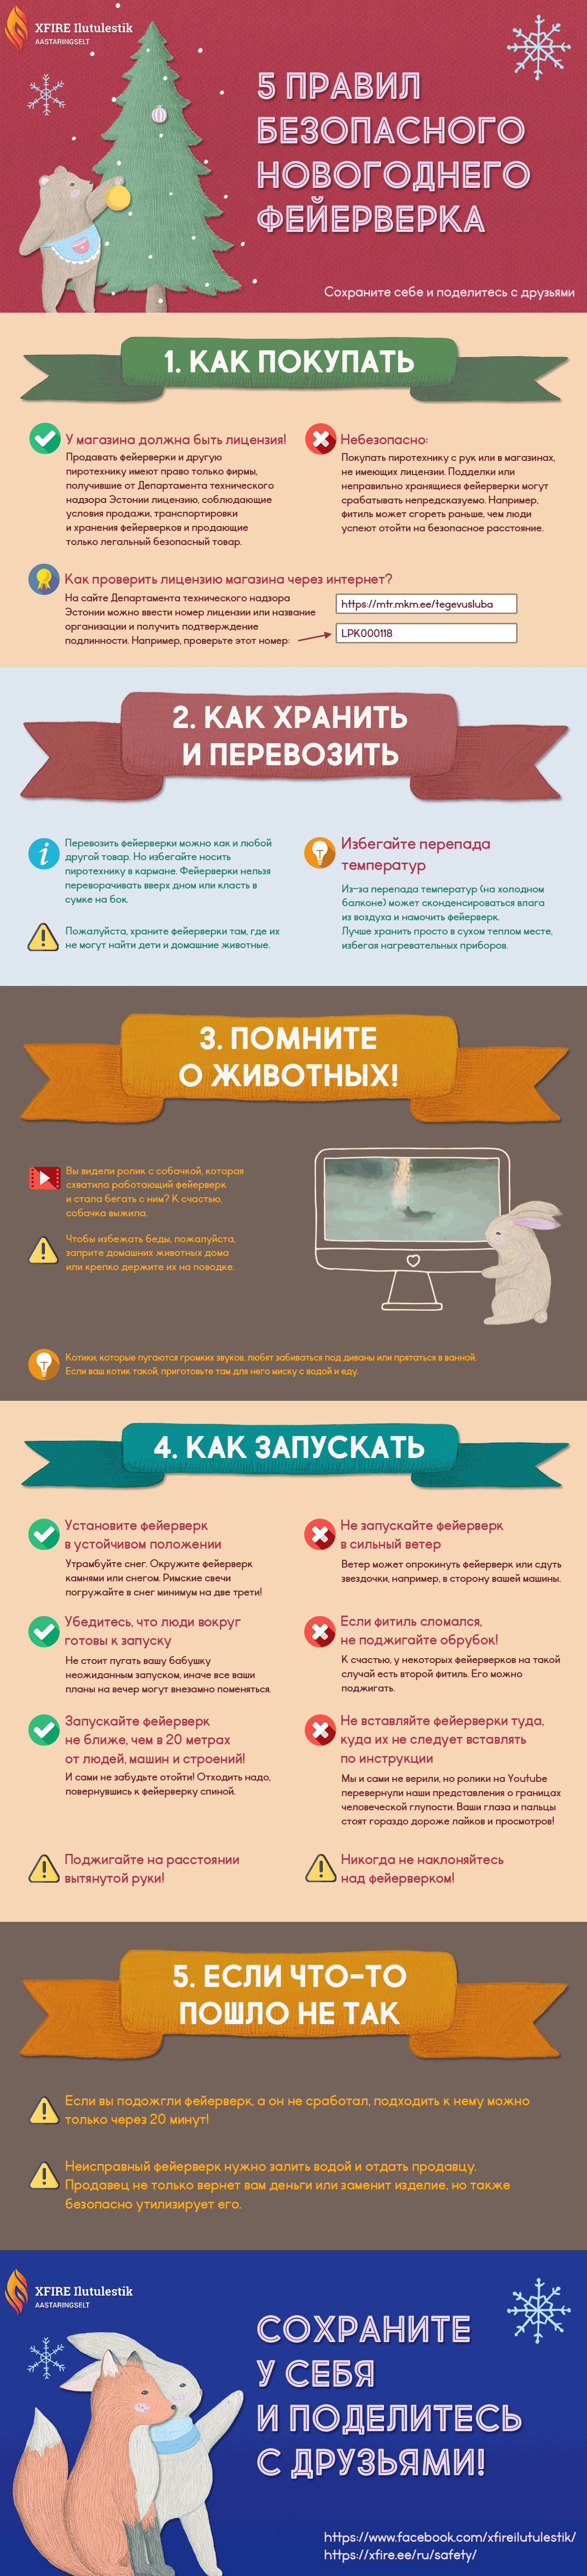 5 правил безопасного фейерверка